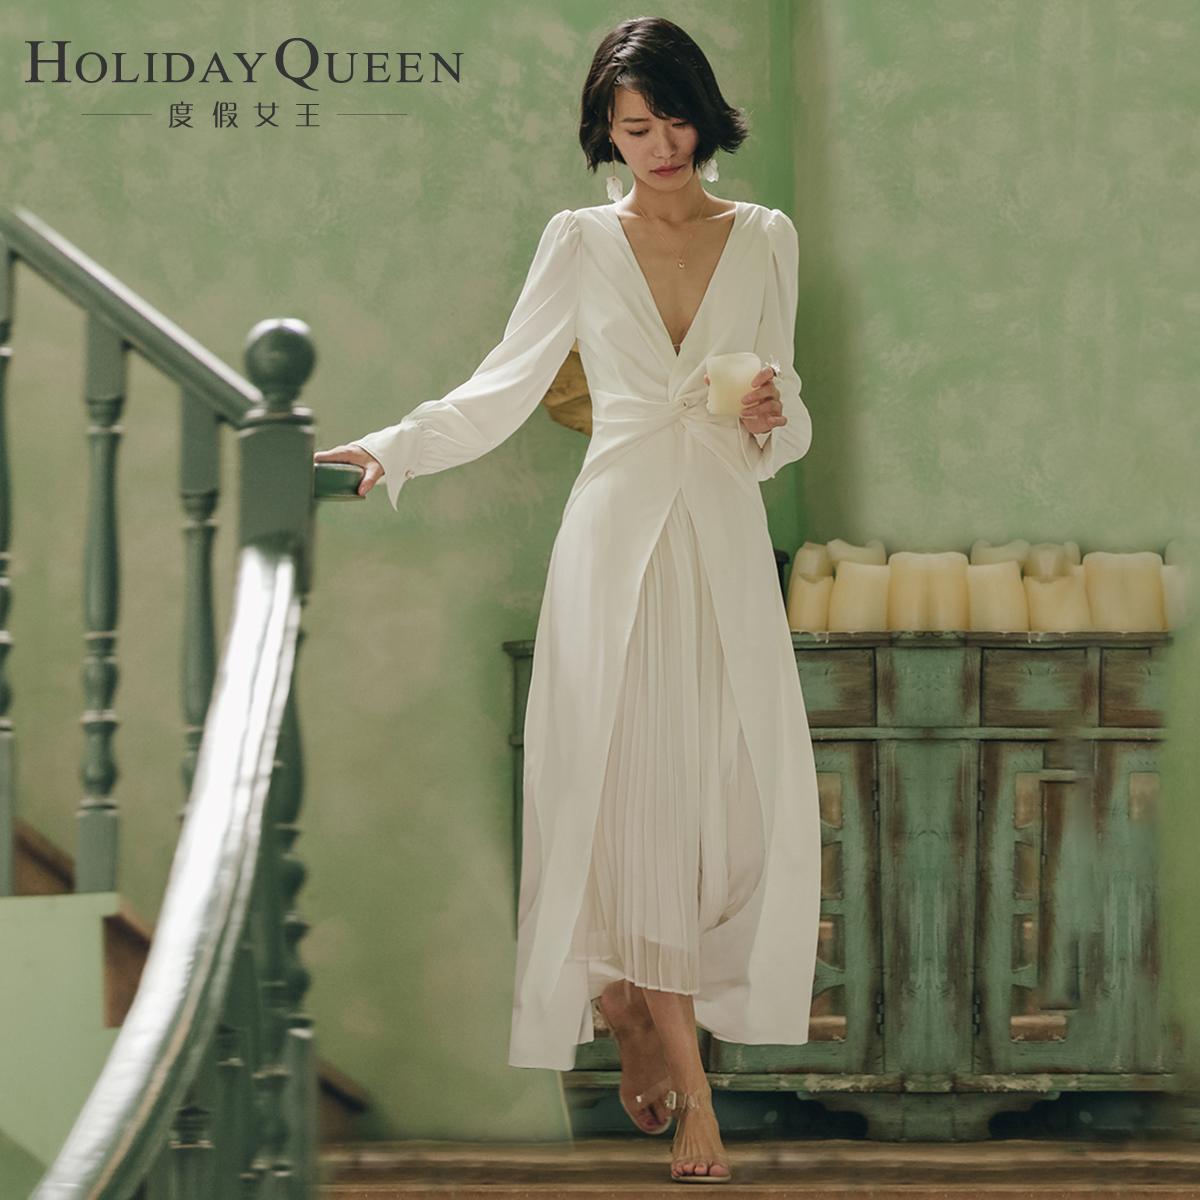 艾格连衣裙 度假女王V领春沙滩裙写真礼服主持表演女装白色名媛连衣裙子长裙_推荐淘宝好看的艾格连衣裙